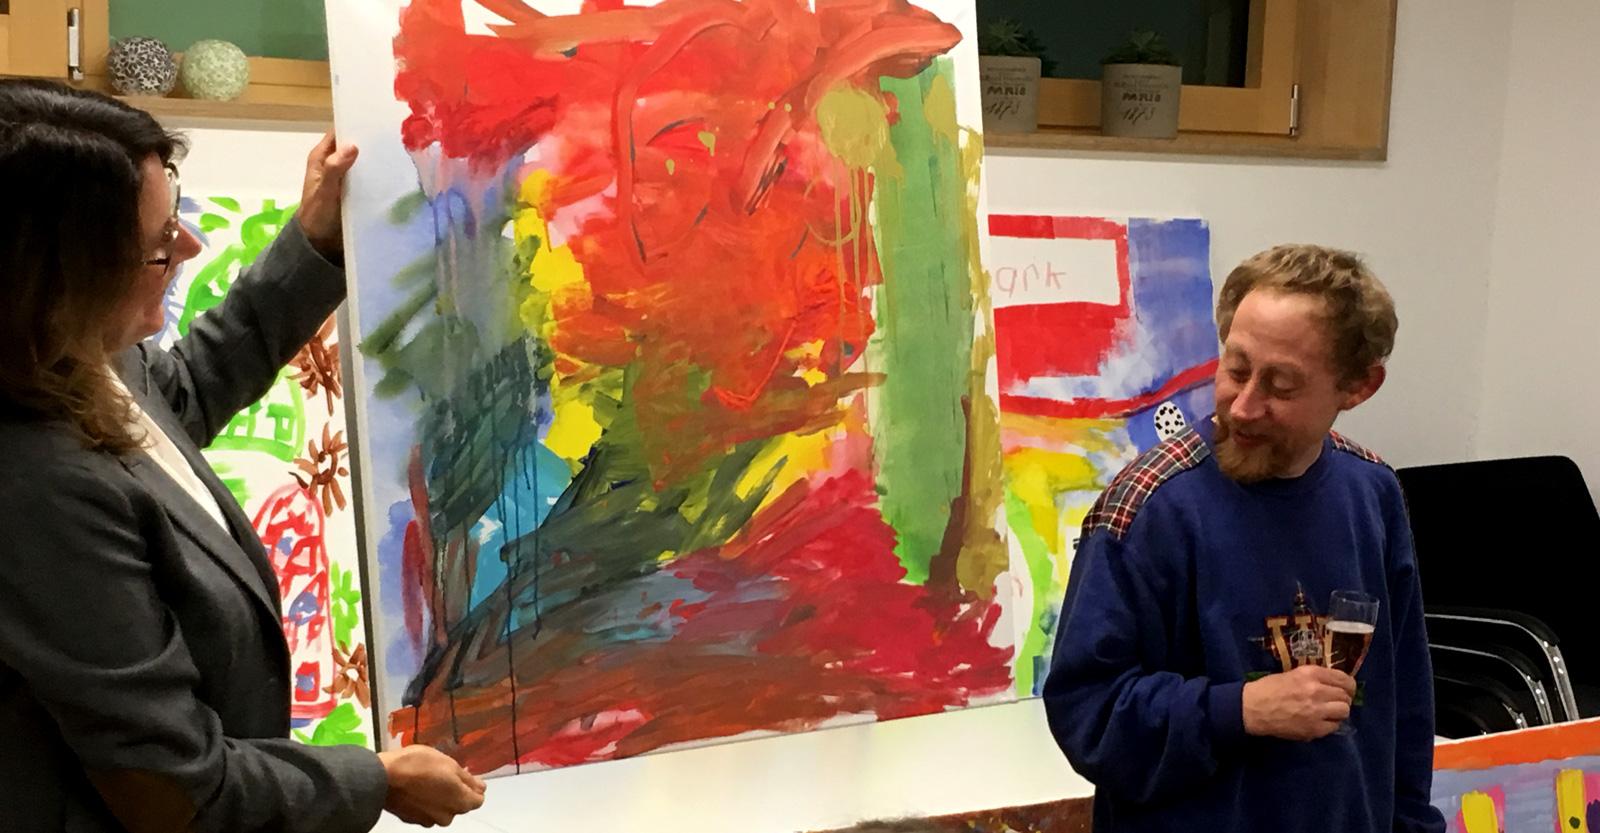 Farbenfrohe Stimmung: Malworkshop-Teilnehmer Christian Eibert präsentiert mit Kursleiterin Tanja Hoffmann stolz sein Kunstwerk.